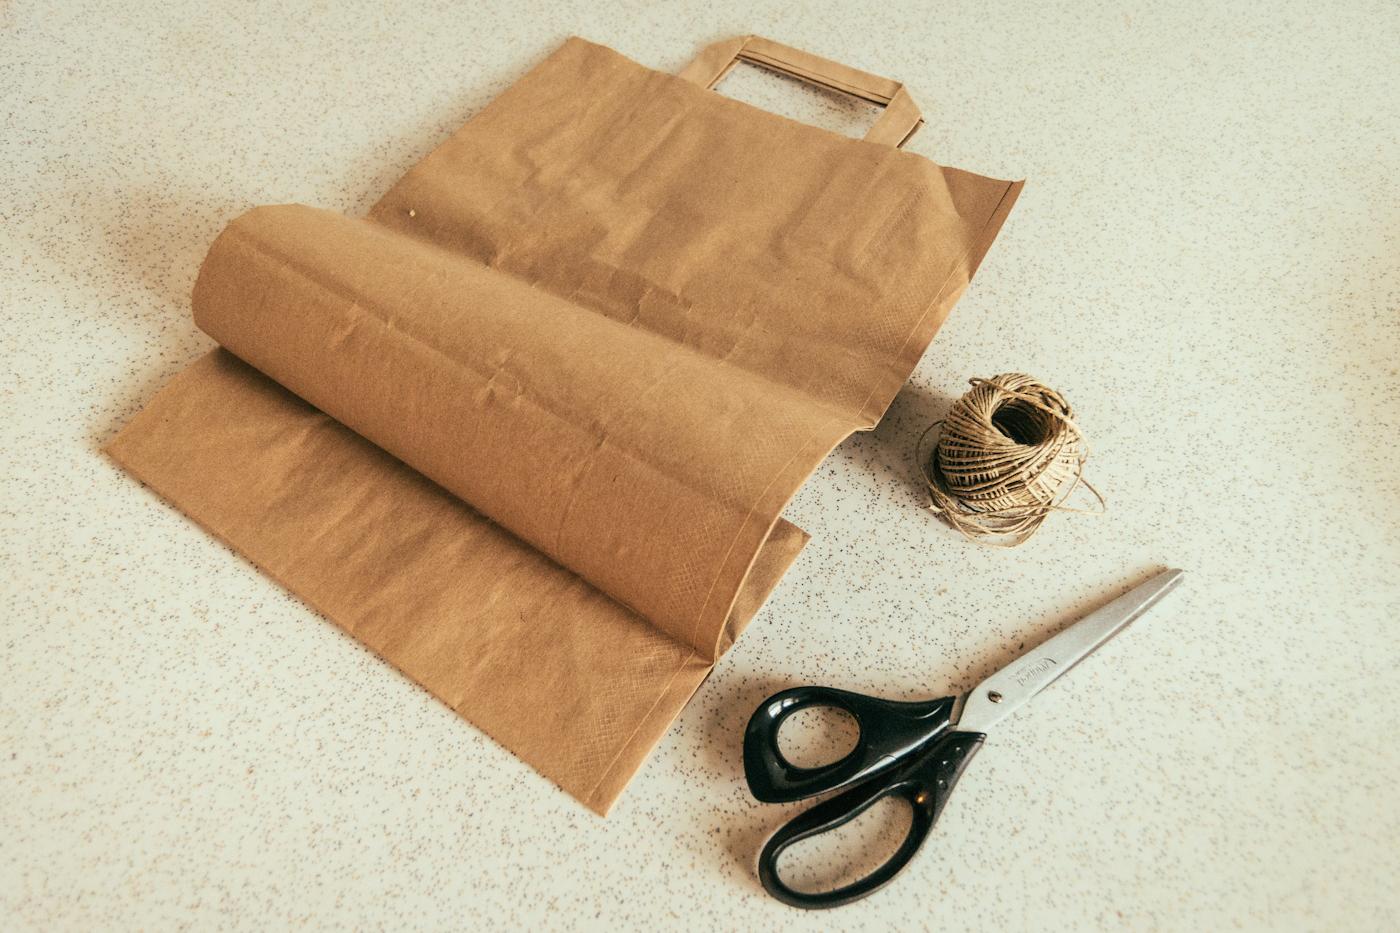 pakovanje poklona